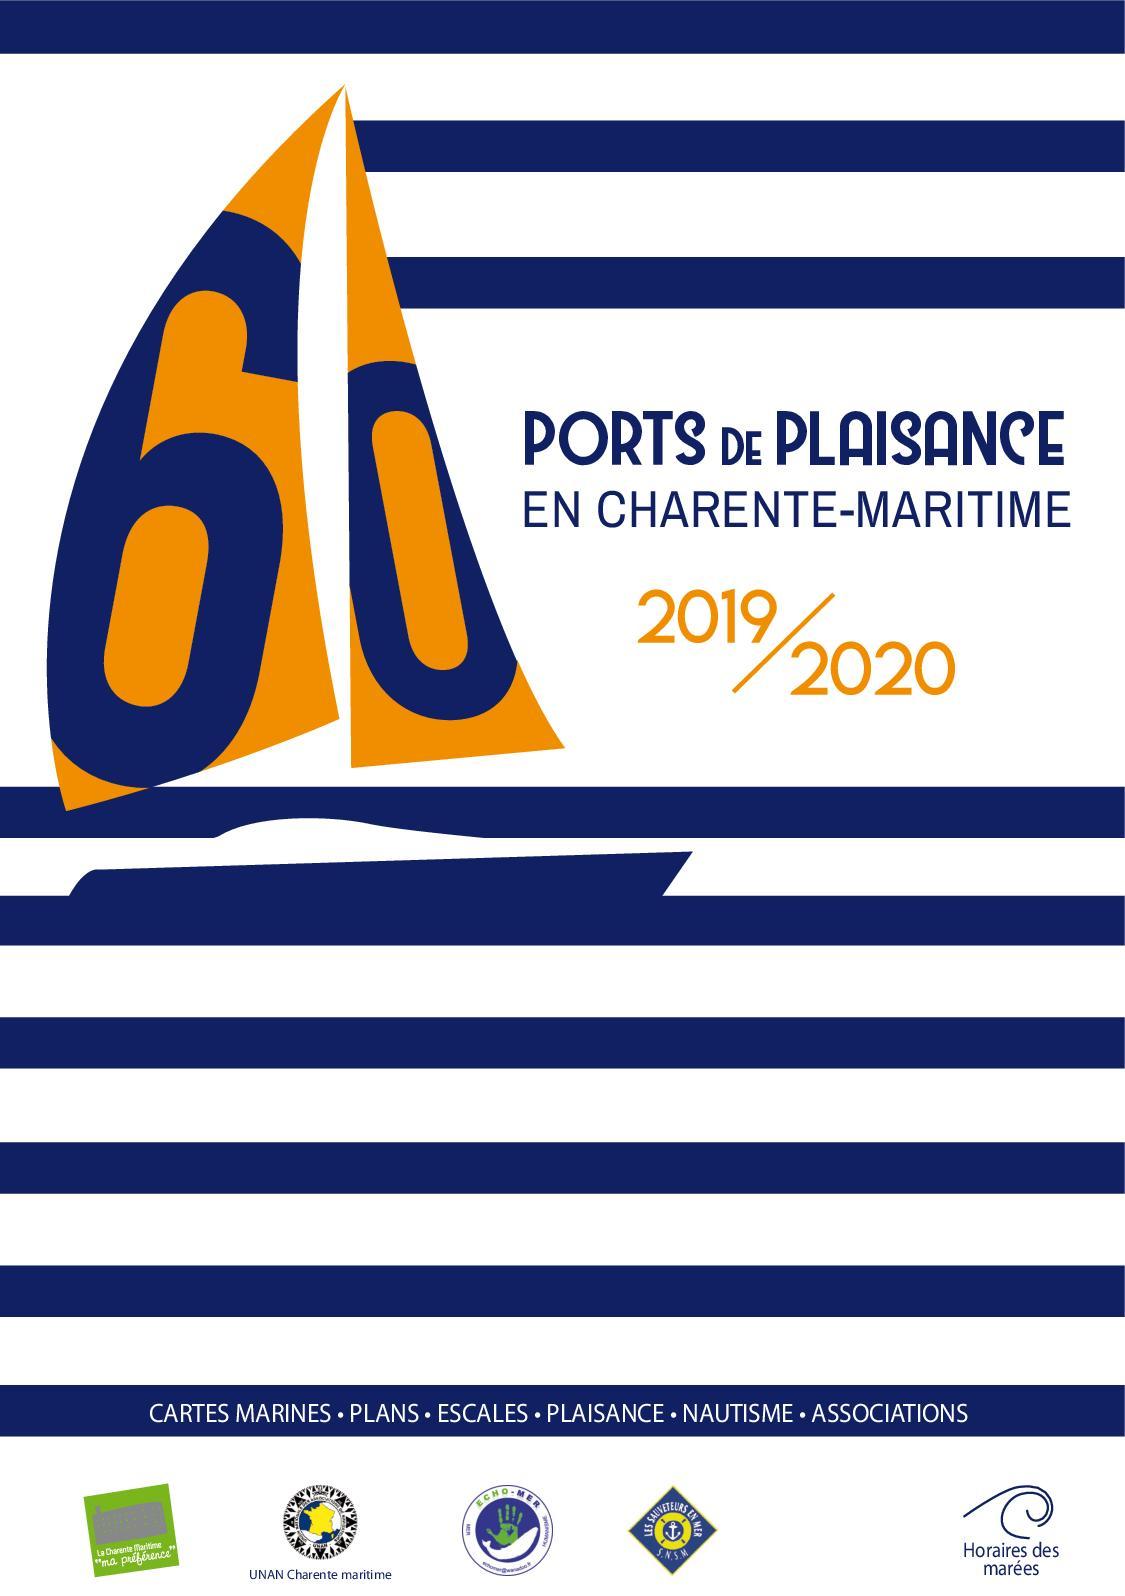 Calendrier Des Marees La Rochelle 2020.Calameo Guide Des 60 Ports De Plaisance En Charente